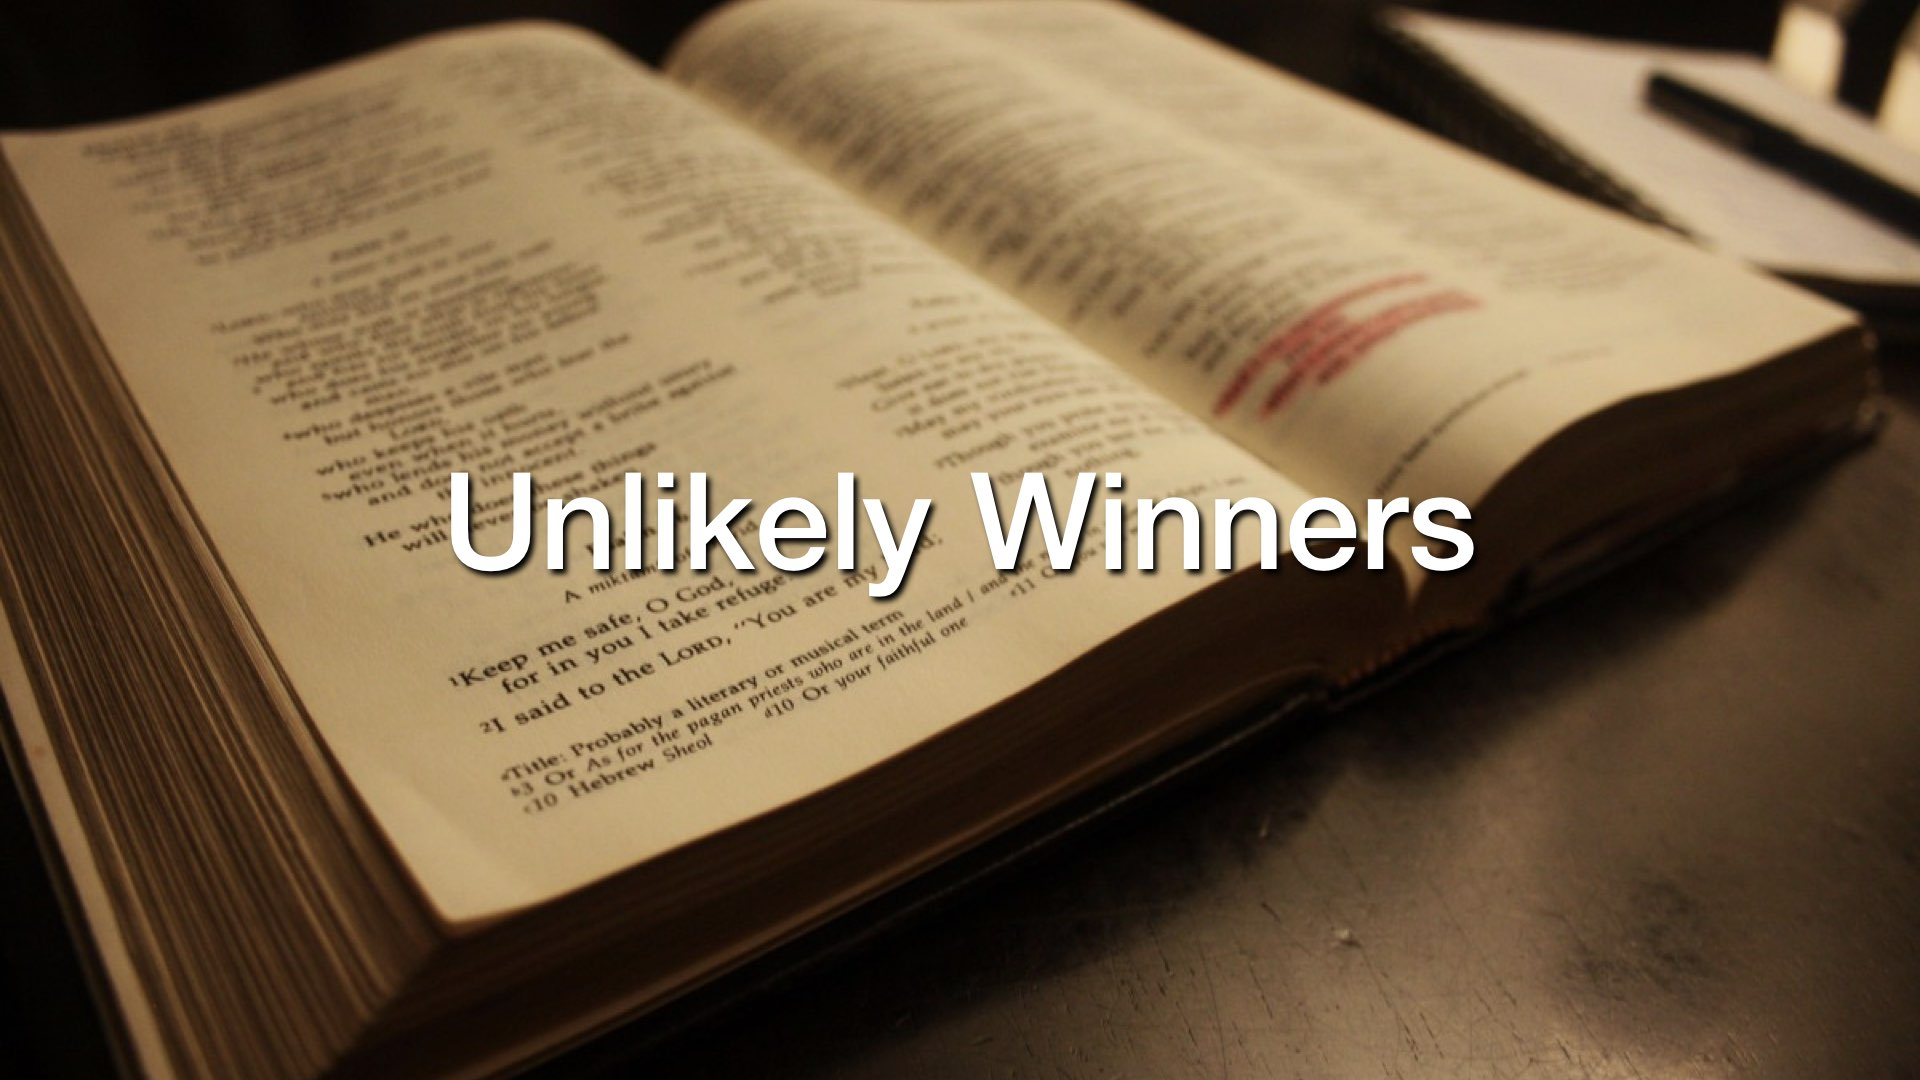 Unlikely Winners